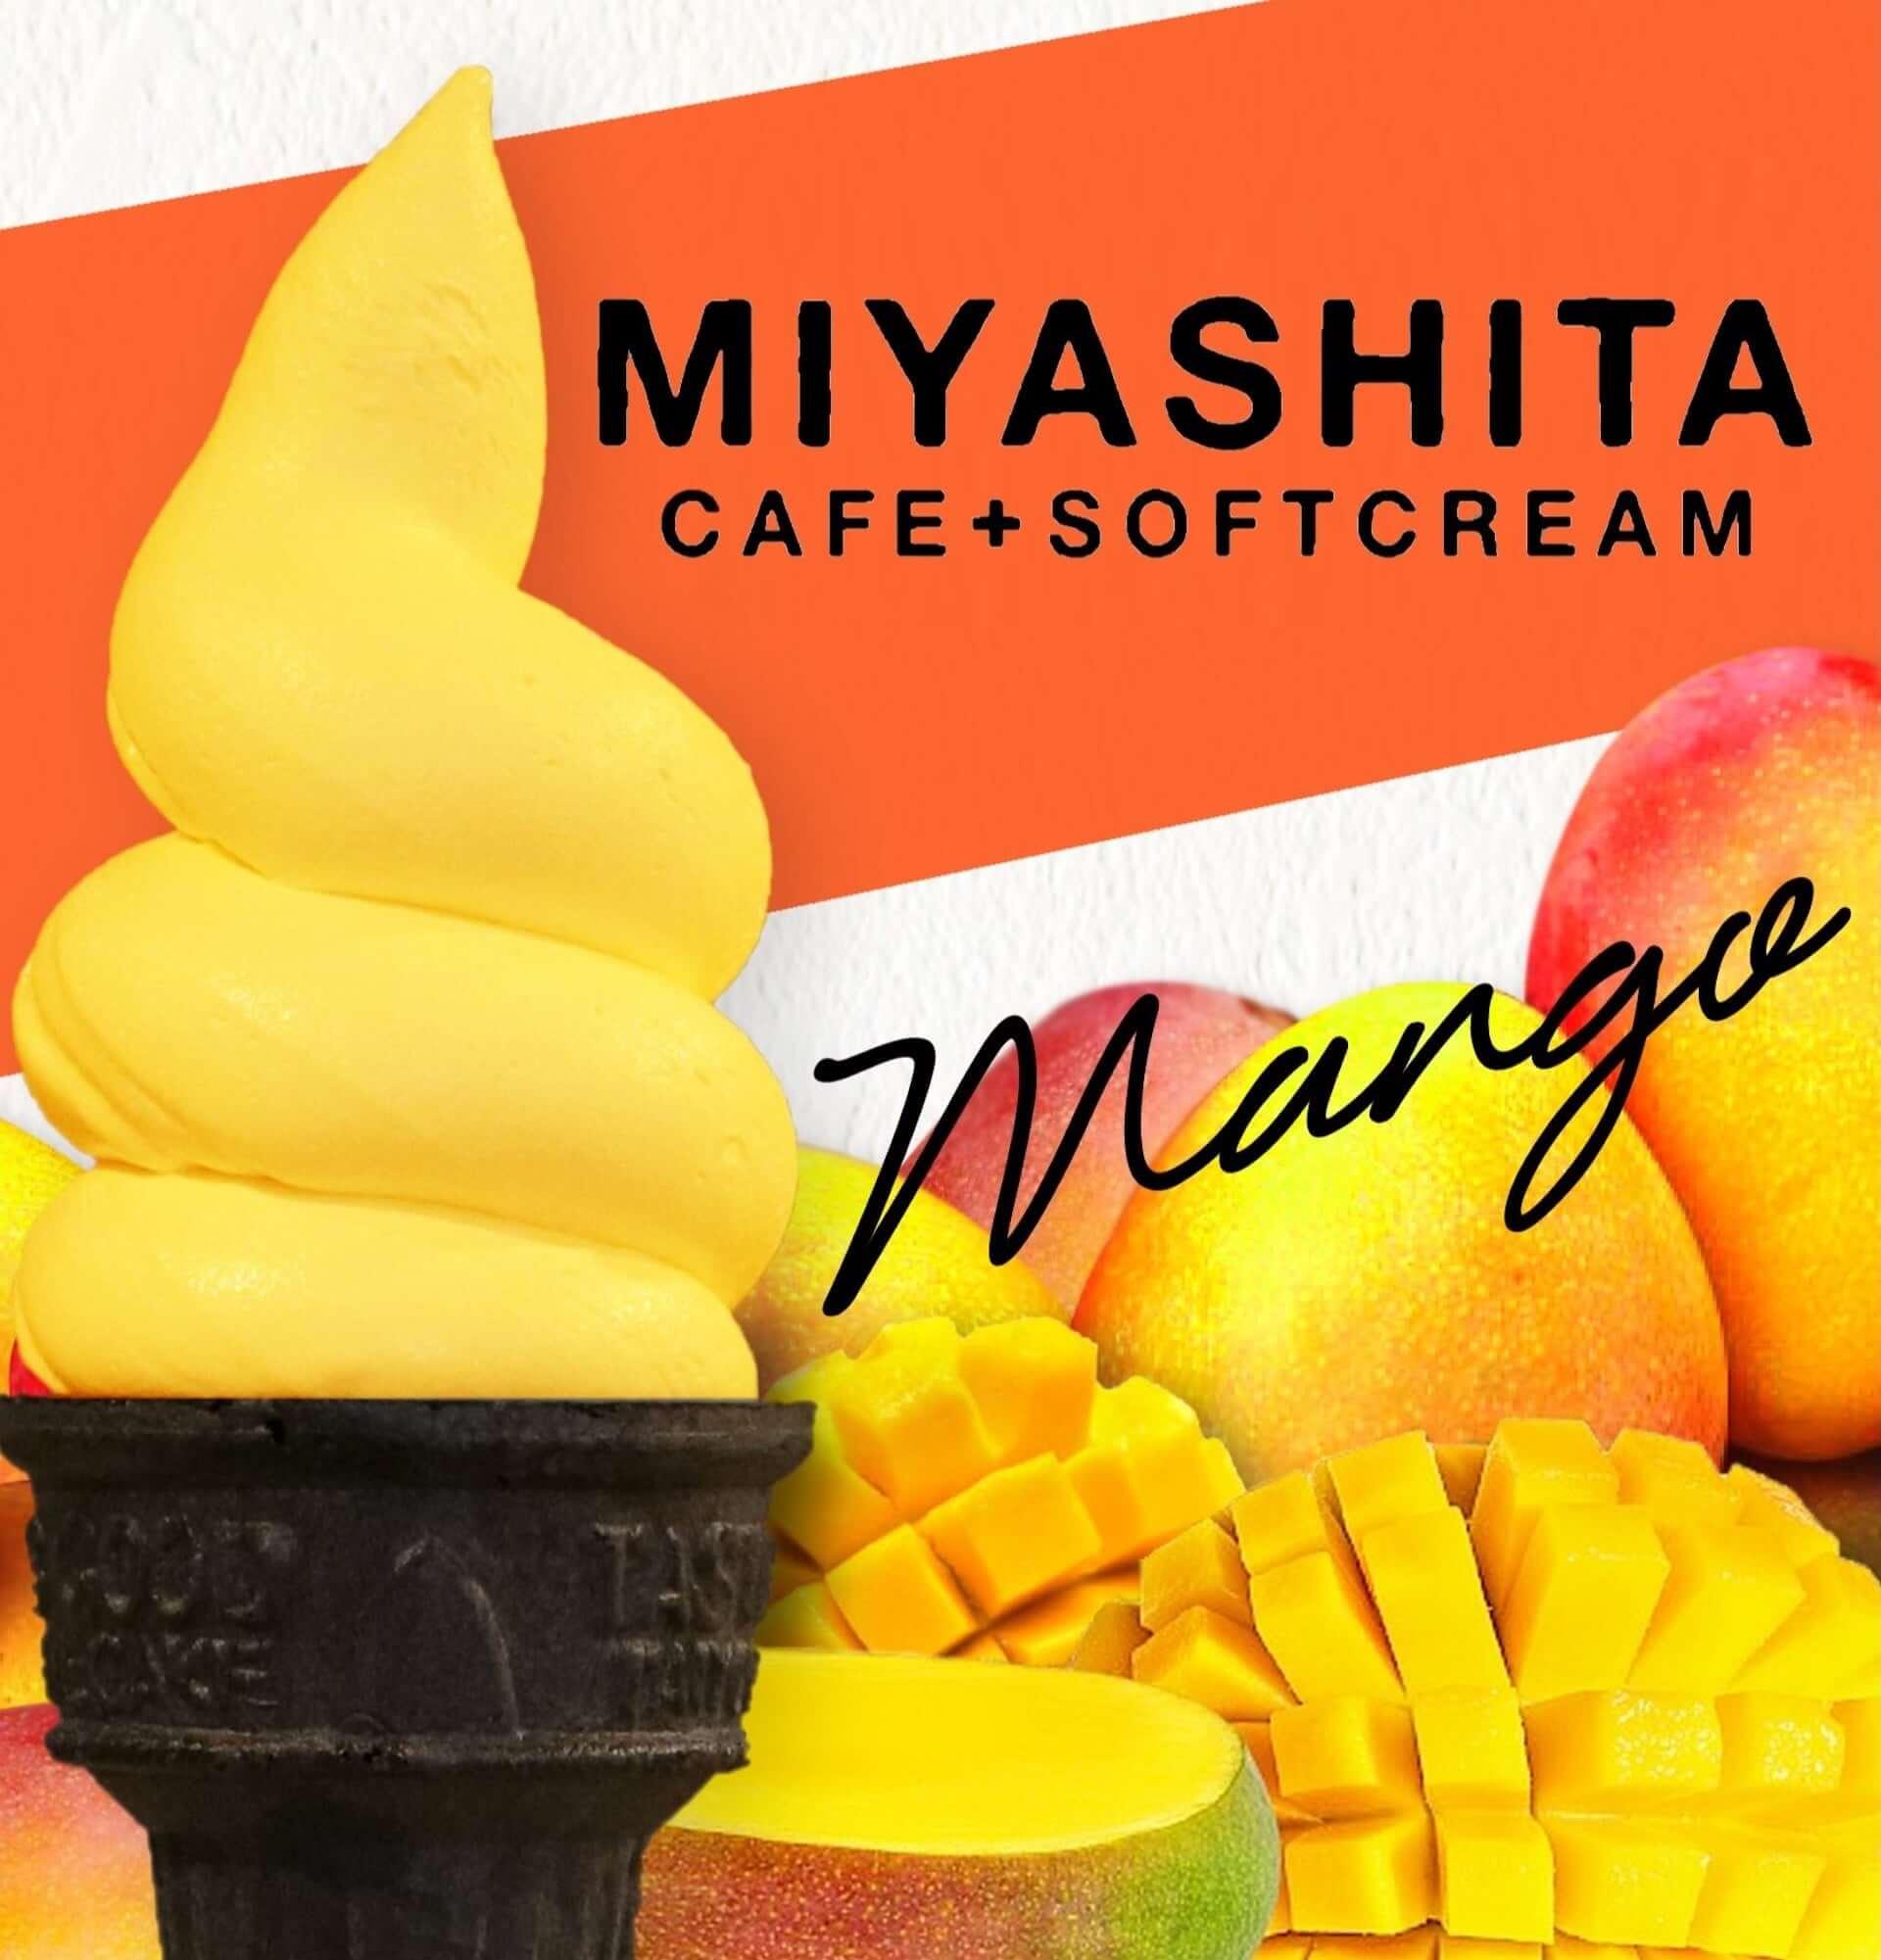 「MIYASHITA CAFE」オープン記念第1弾!ダイミョウソフトクリームに夏季限定フレーバー『トロピカルマンゴー』が登場 gourmet2000820_tropicalmango-miyashitacafe_1-1920x2001